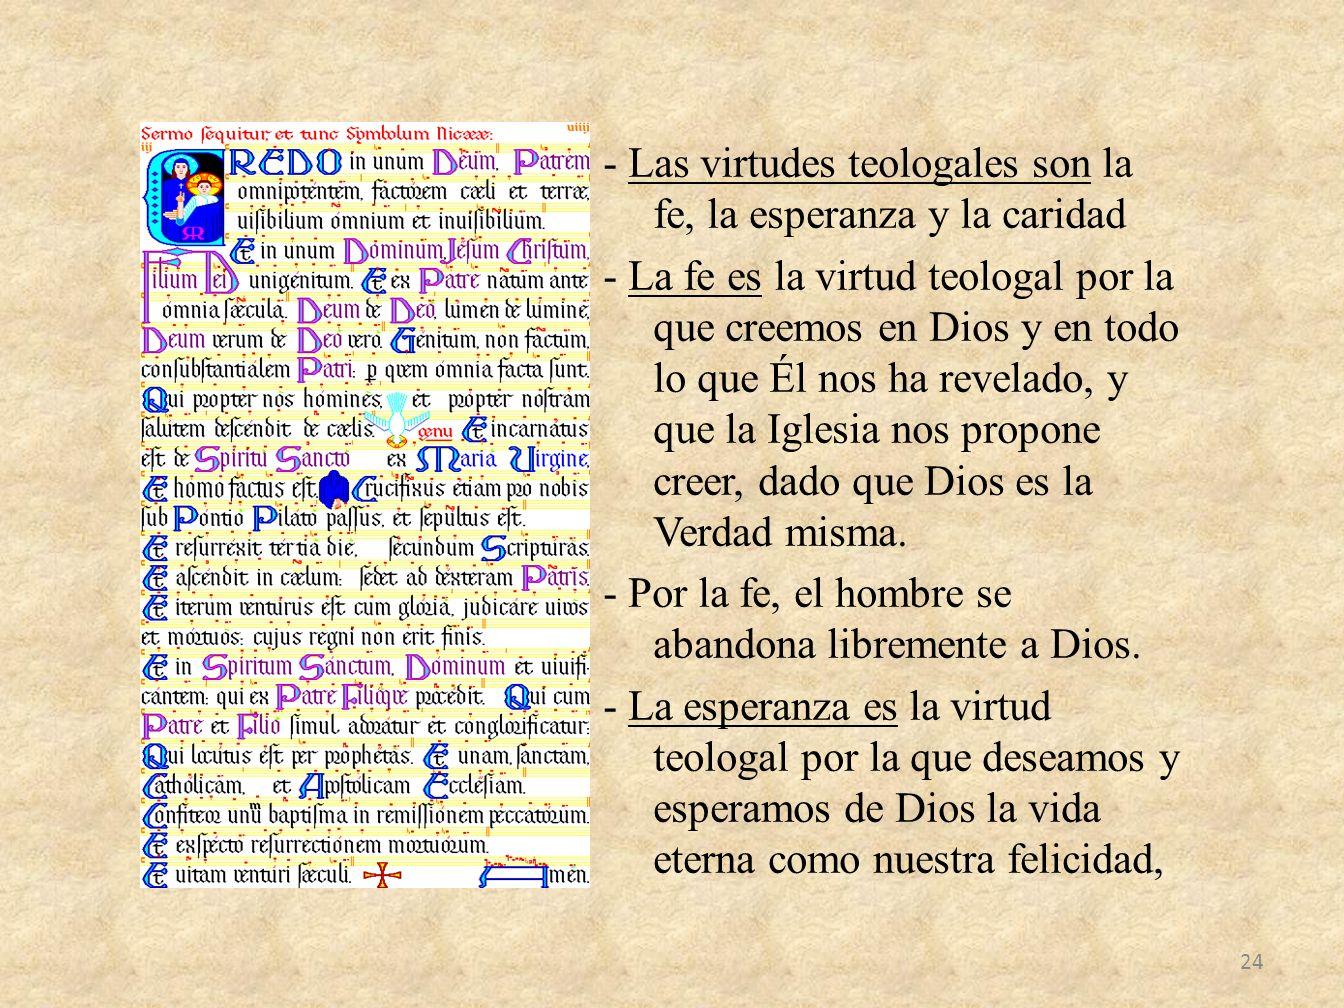 - Las virtudes teologales son la fe, la esperanza y la caridad - La fe es la virtud teologal por la que creemos en Dios y en todo lo que Él nos ha revelado, y que la Iglesia nos propone creer, dado que Dios es la Verdad misma.